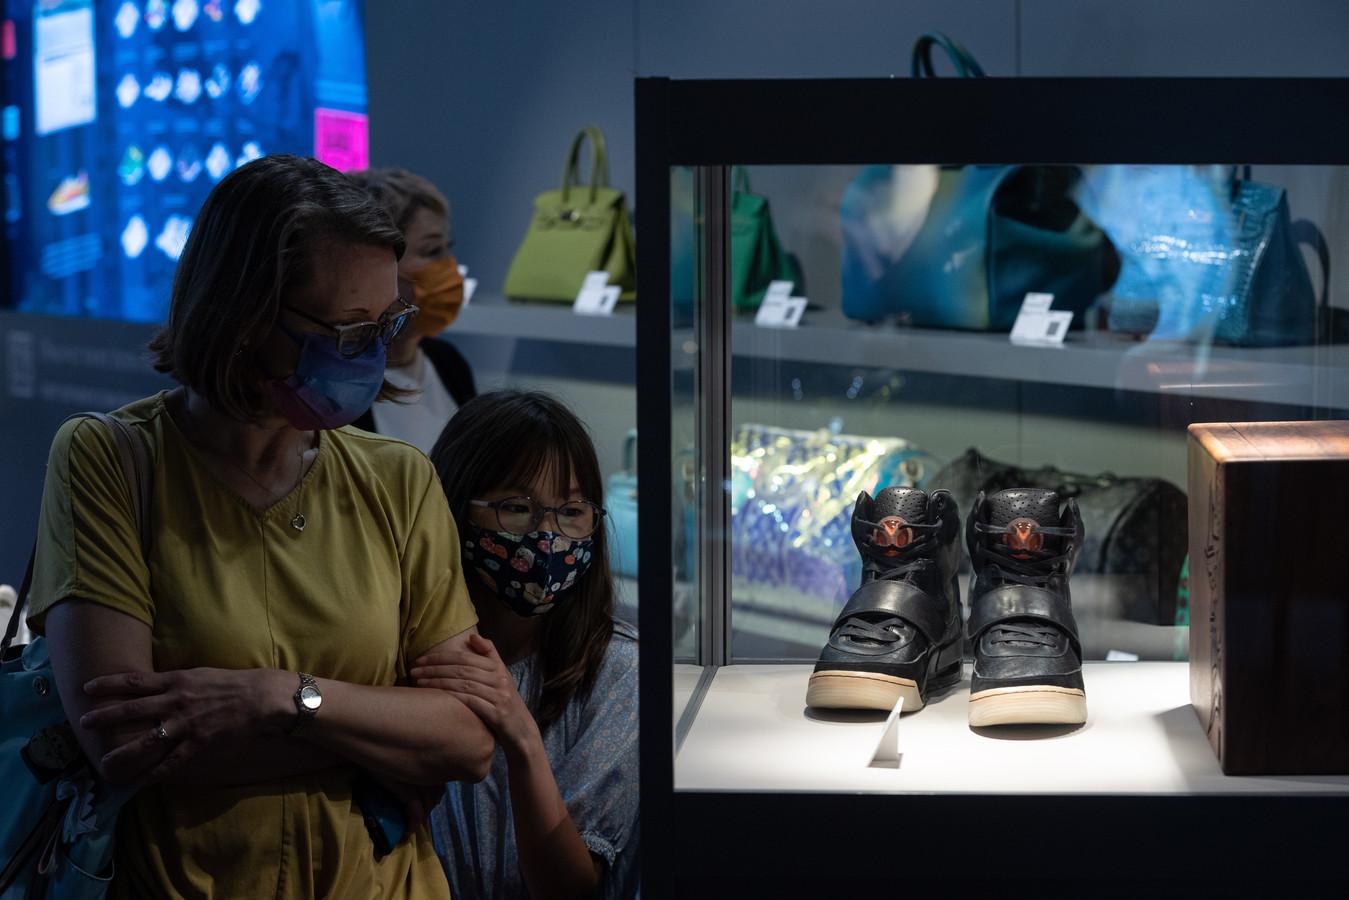 De Nike Air Yeezy 1-sneakers die in 2008 door Kanye West werden gedragen en onlangs voor 1,5 miljoen euro werden geveild.